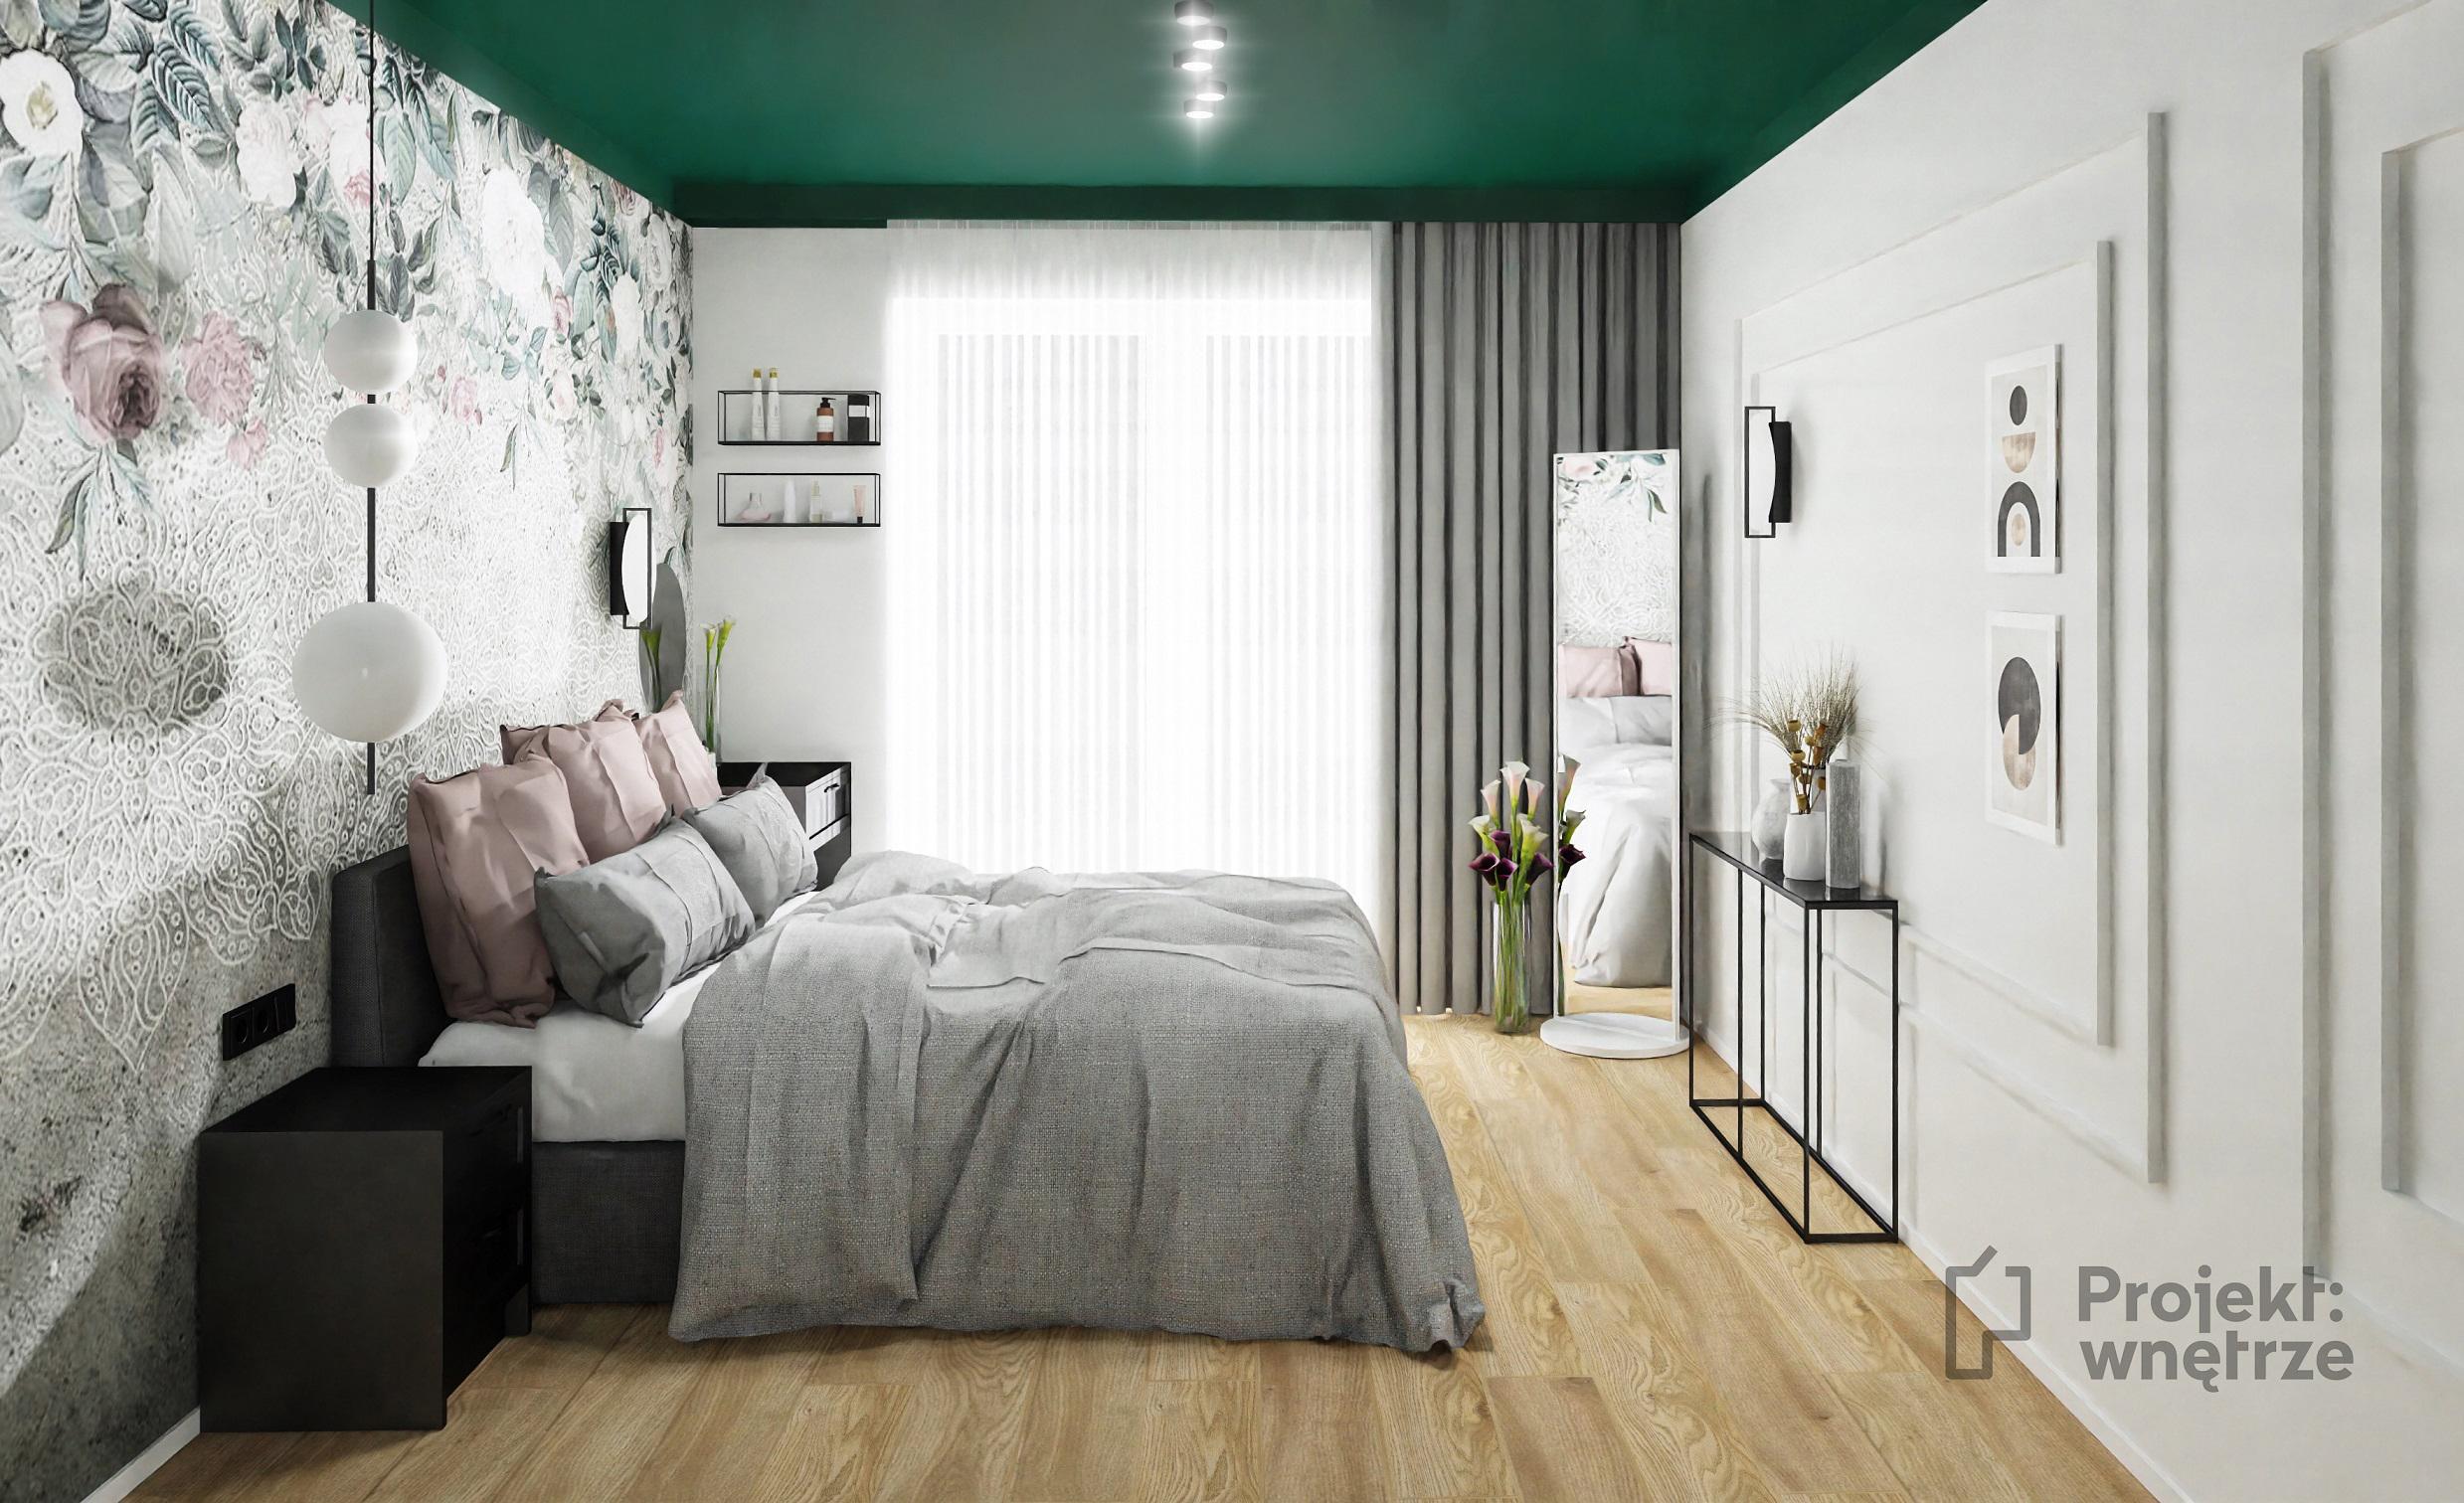 PROJEKT WNĘTRZE - Projekt sypialni w ciemnej zieleni, z tapetą i sztukaterią